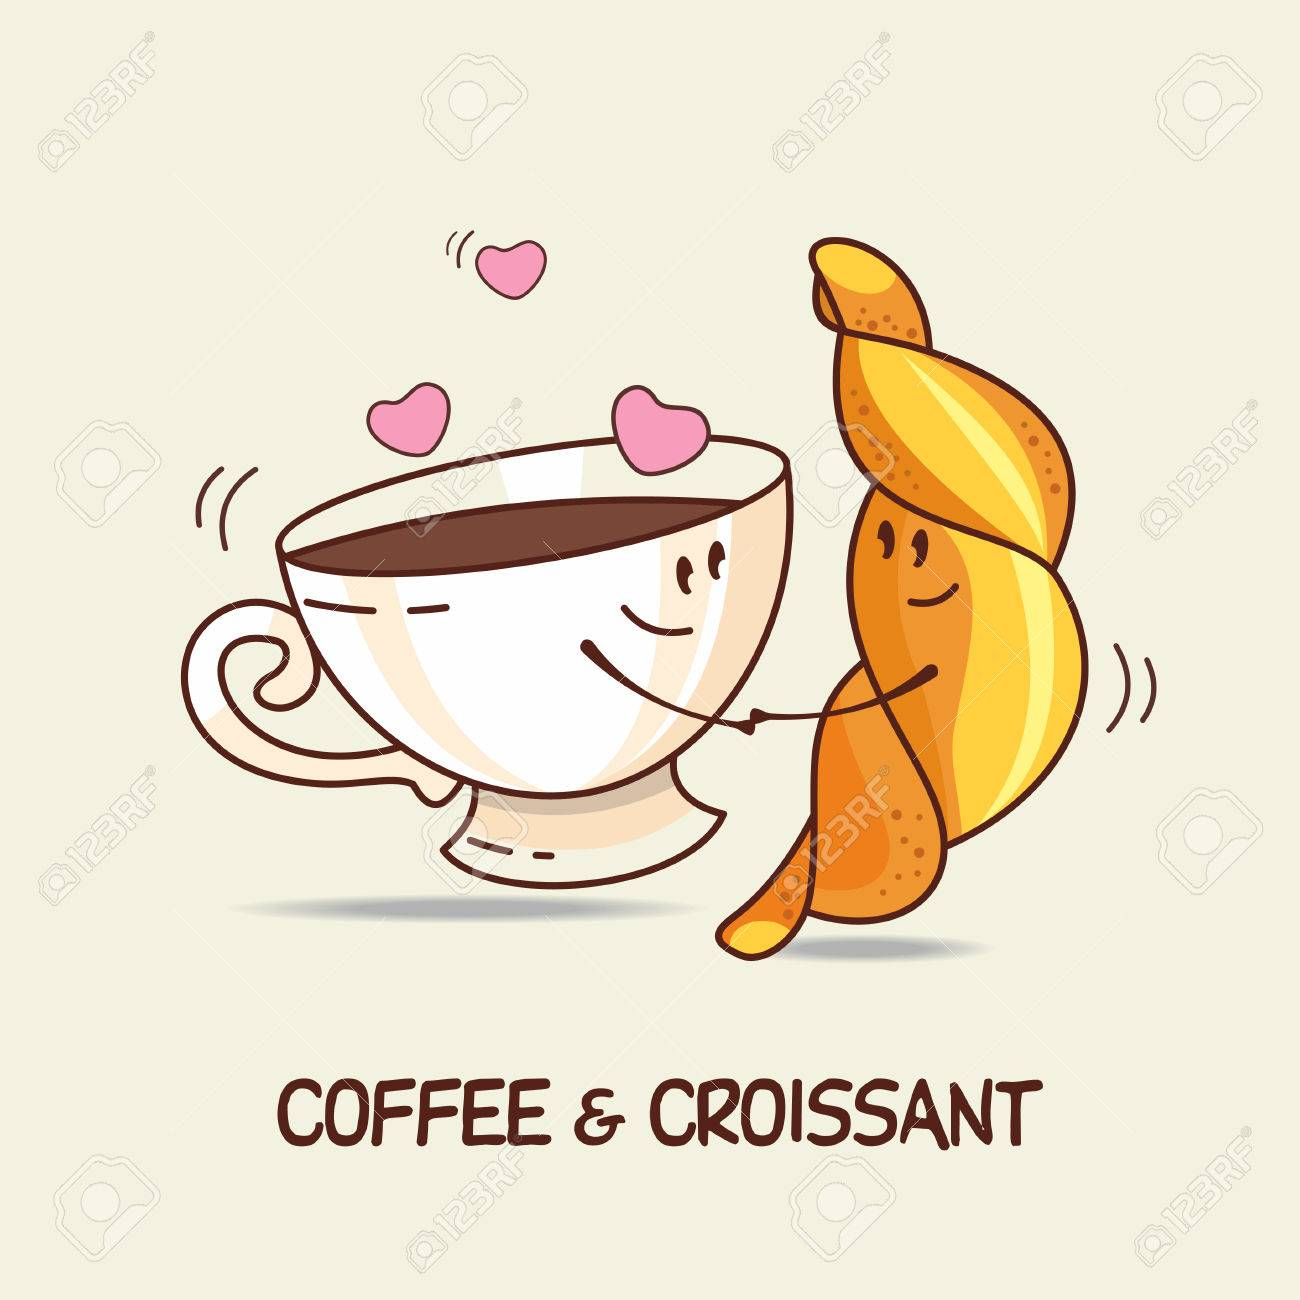 El Café Y El Croissant Amor Para Siempre Historietas De Dibujos Animados Ilustración Del Vector